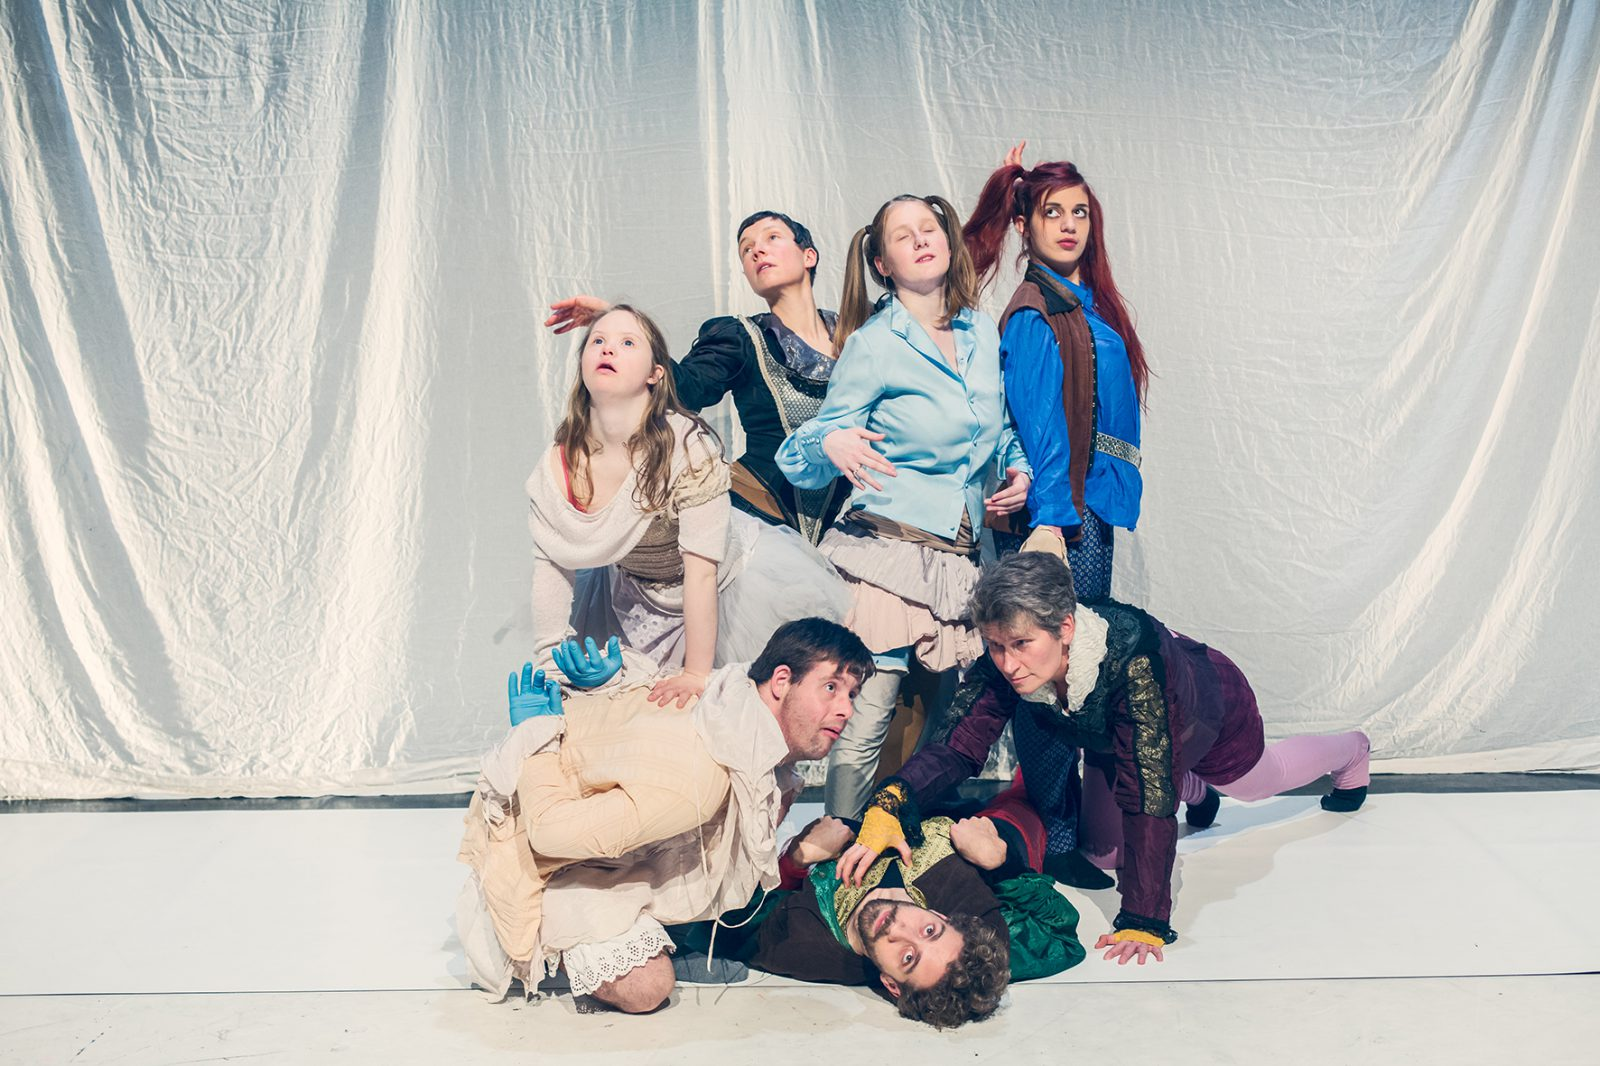 eine Gruppe von TänzerInnen in Kostümen